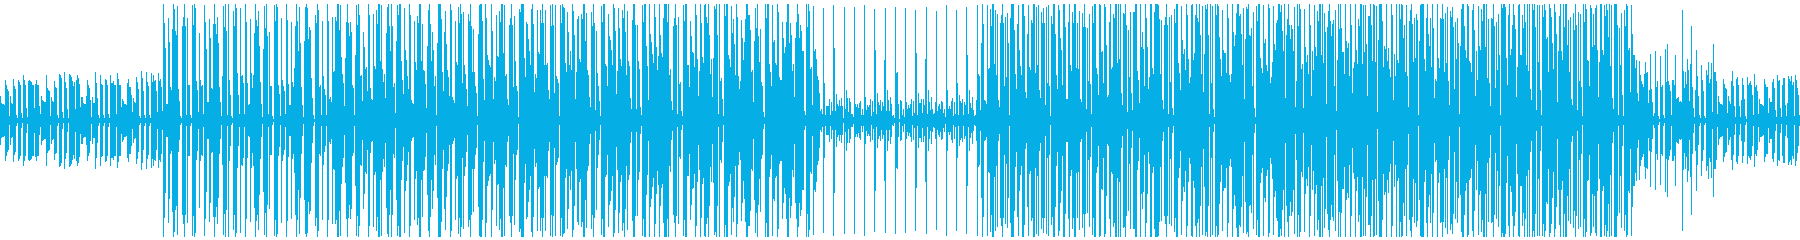 ピアノのシンプルなボサノバBGMの再生済みの波形